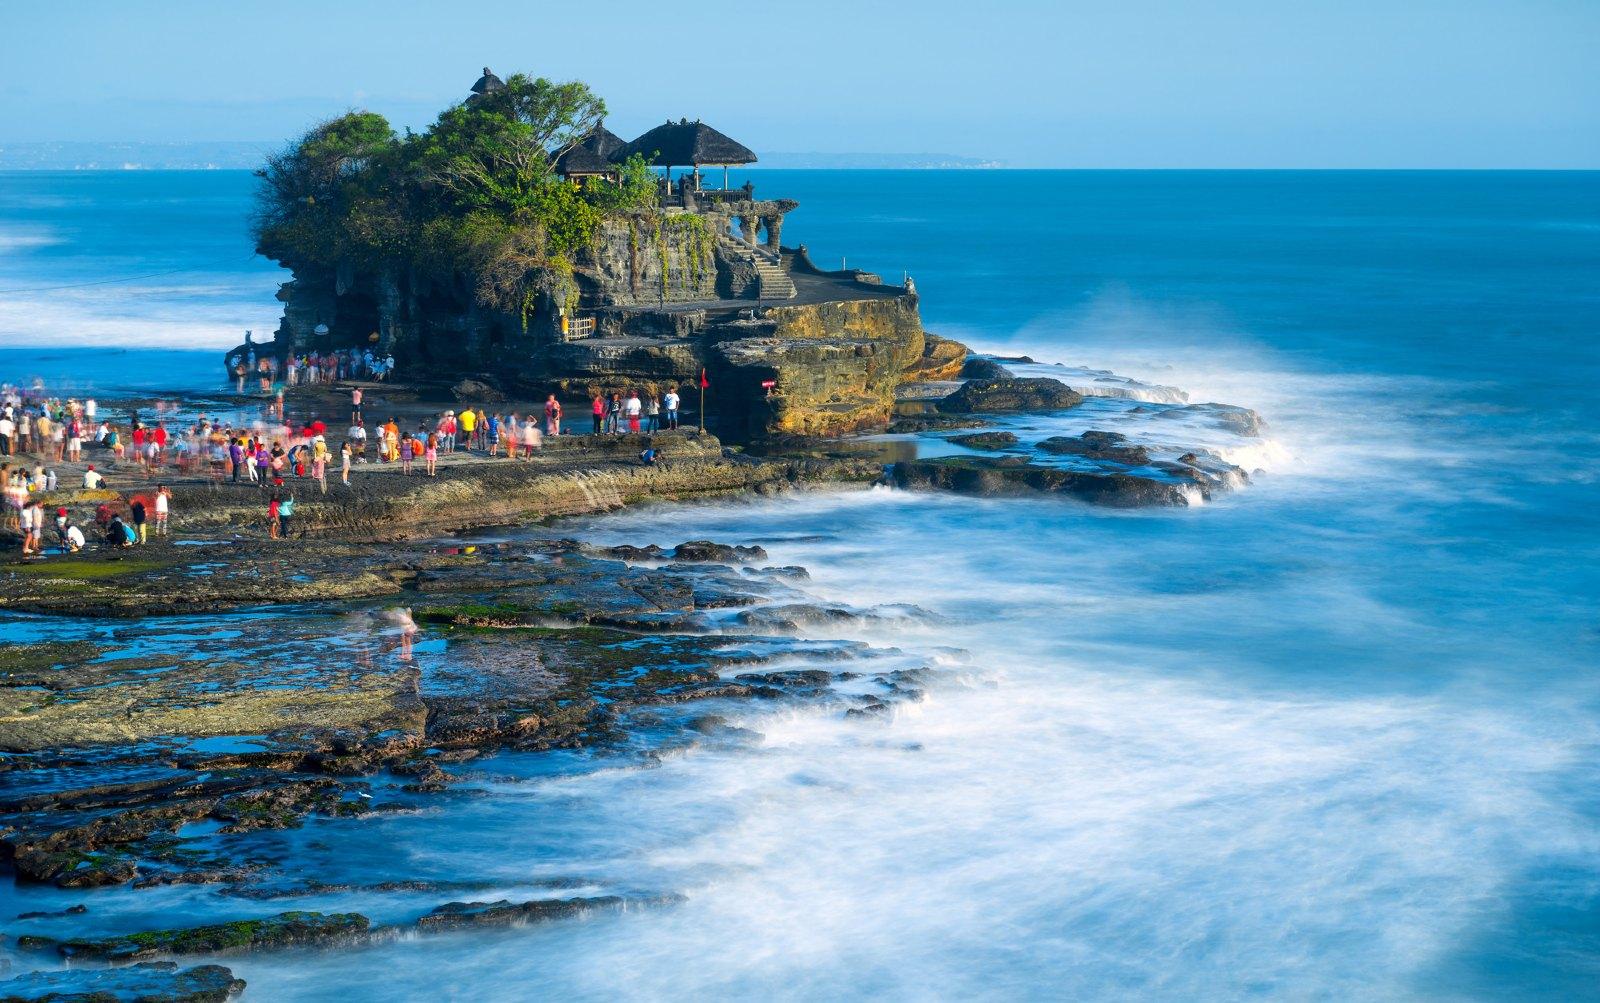 梦幻海镜伟德安卓app下载直飞巴厘岛 7天6晚